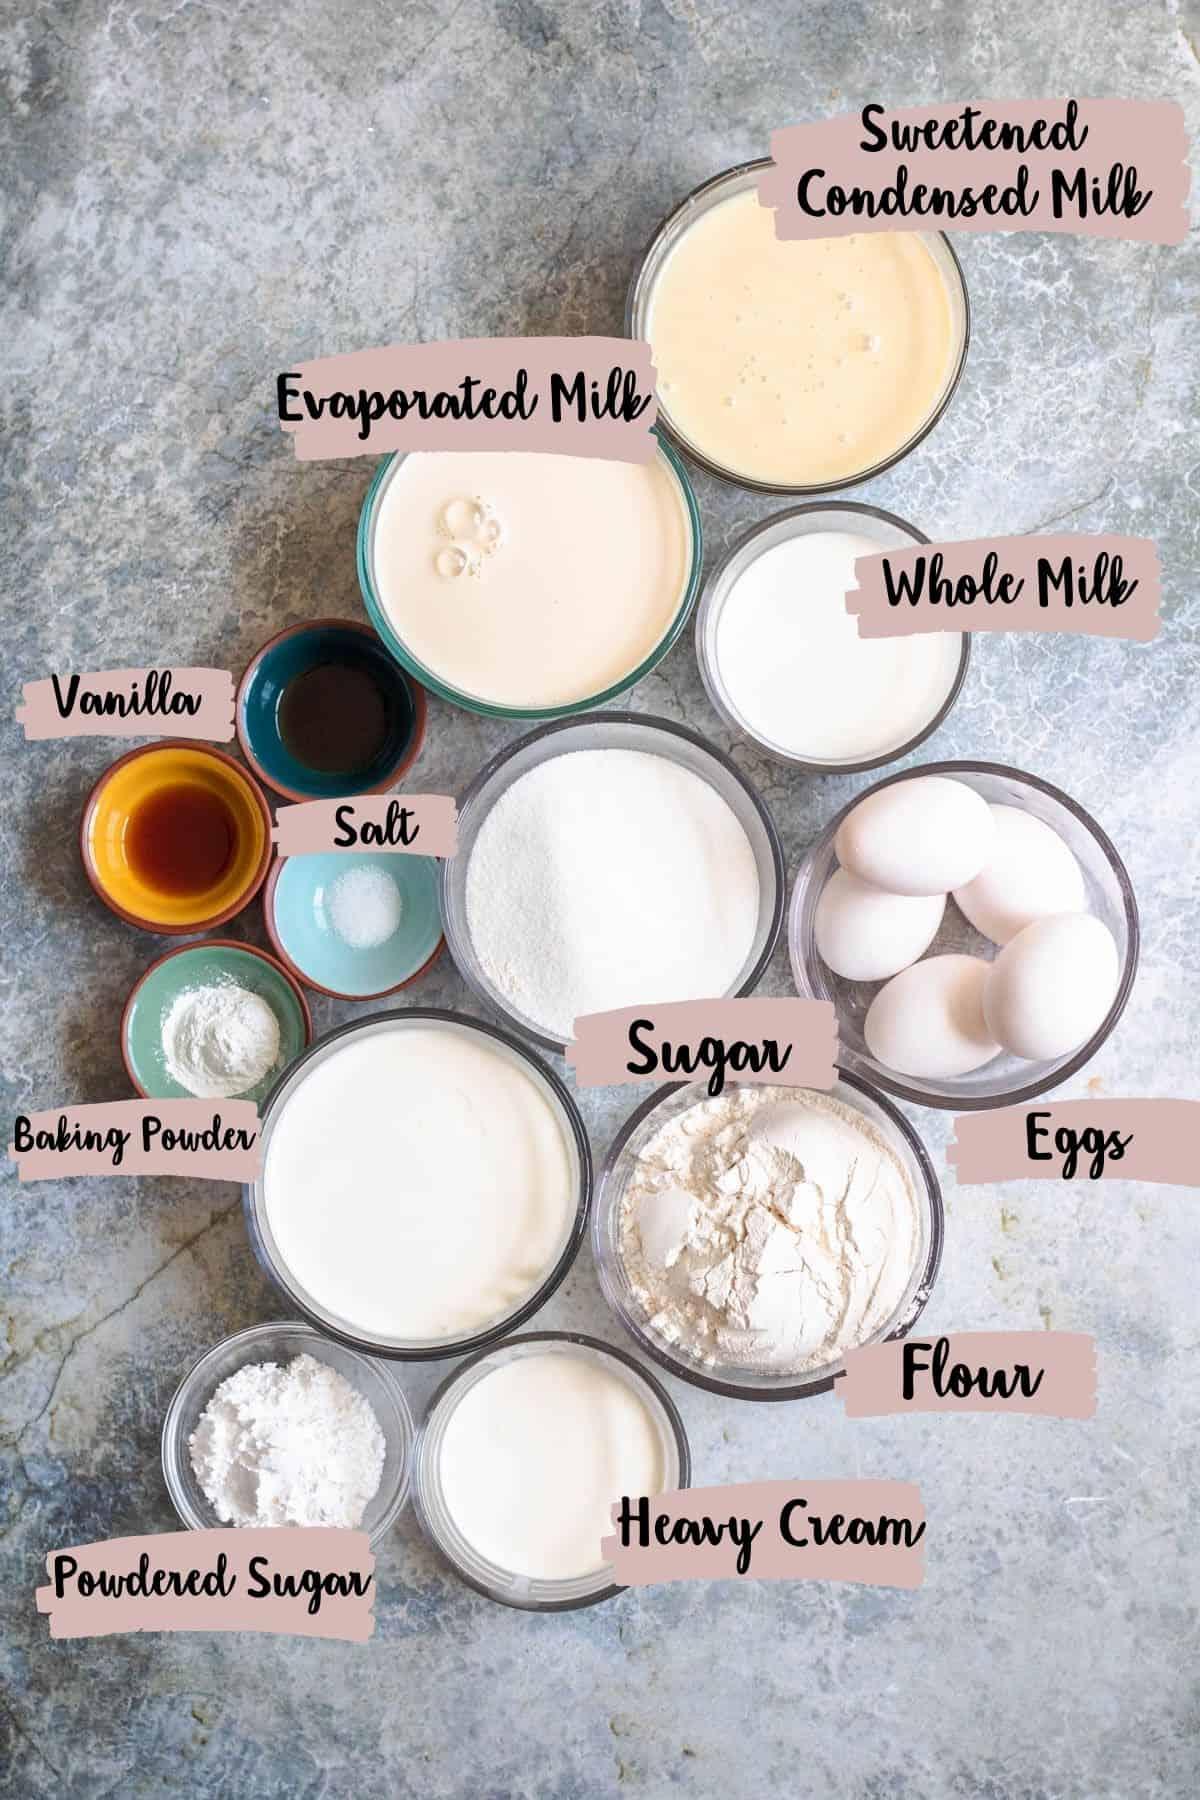 Labeled ingredient shot